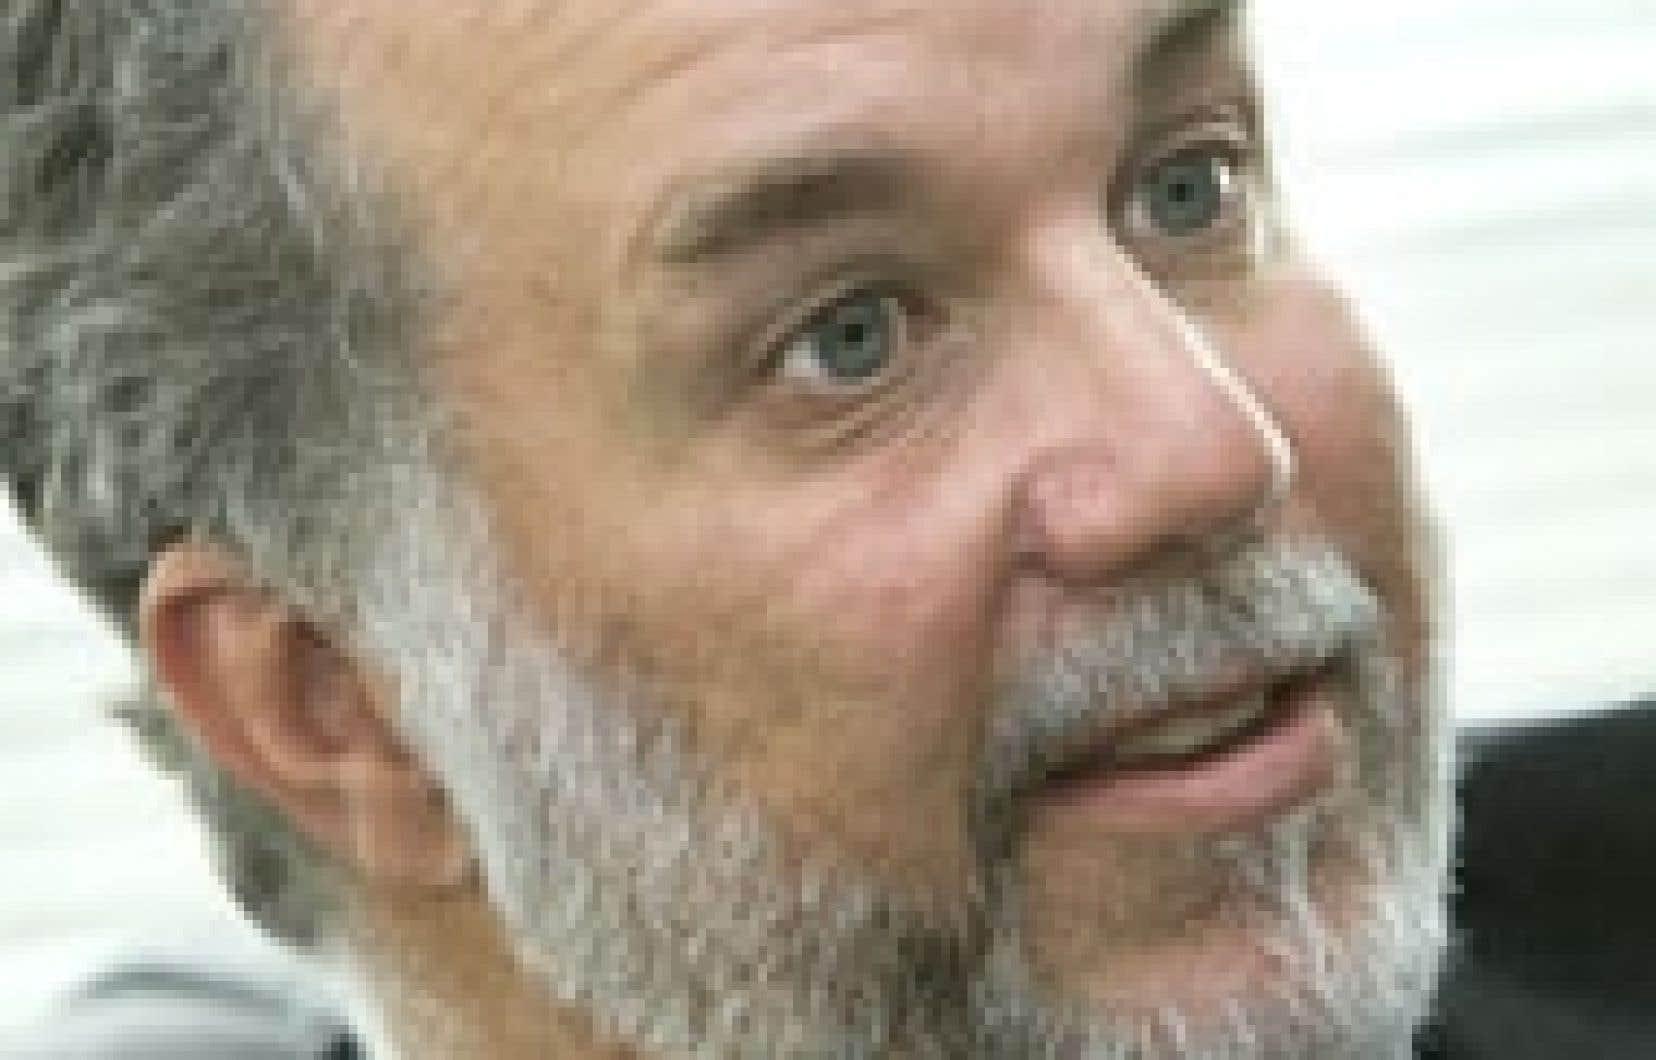 Le ministre de la Santé et des Services sociaux, Philippe Couillard, se dit préoccupé par la pénurie de médecins de famille et d'infirmières.